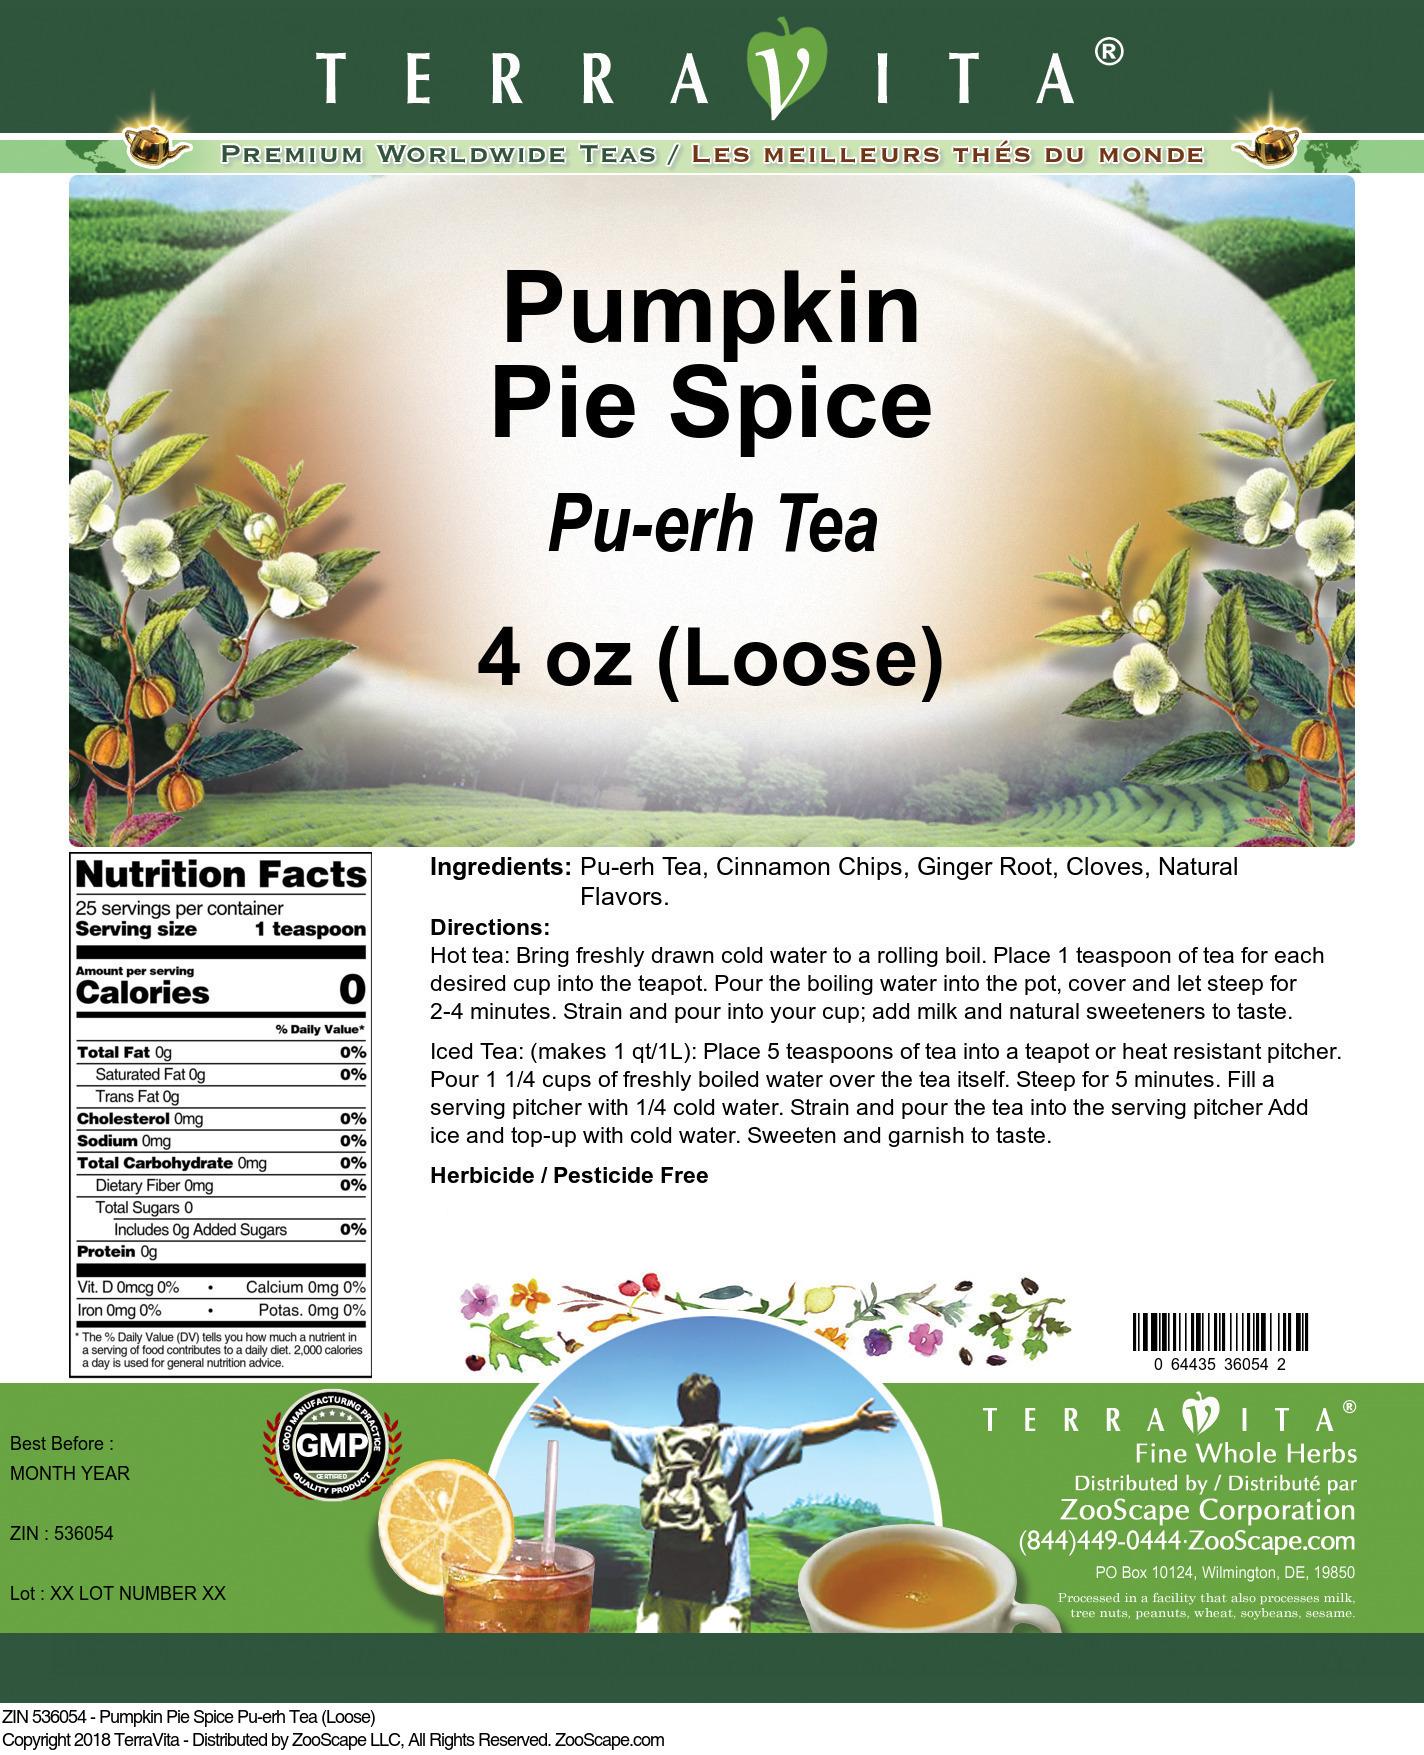 Pumpkin Pie Spice Pu-erh Tea (Loose)